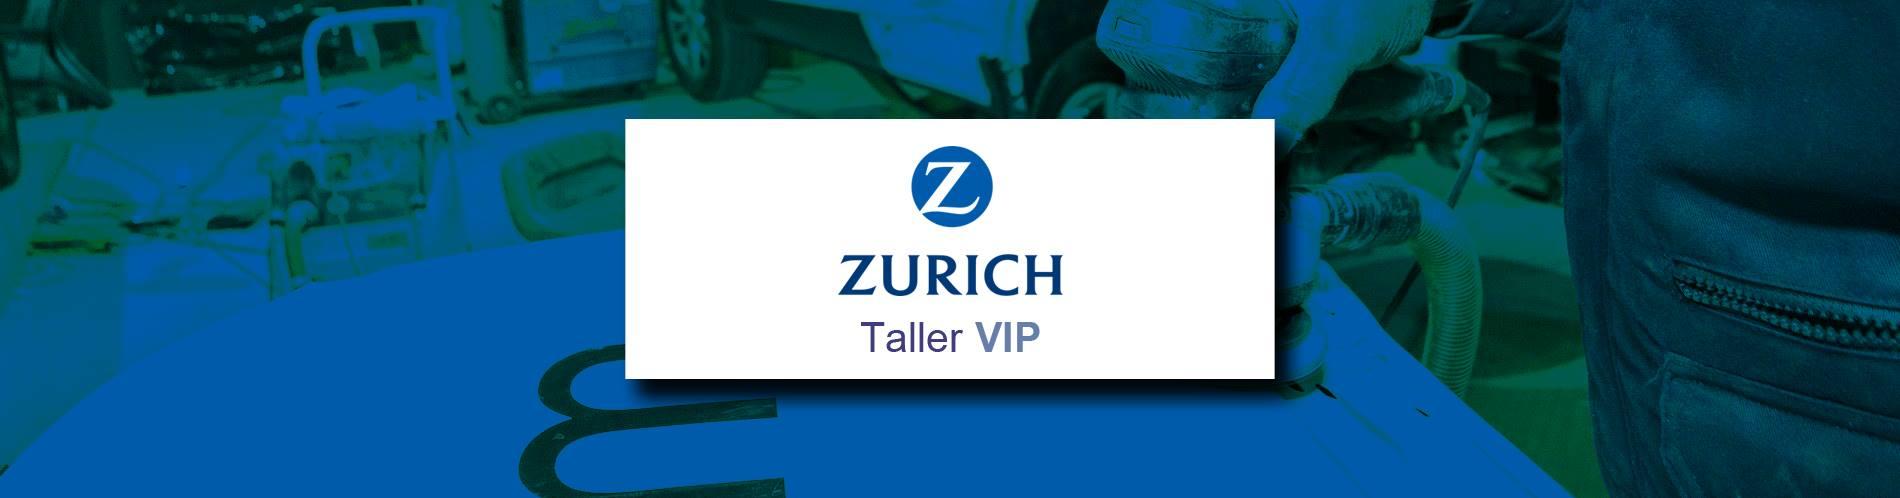 Talleres de chapa y pintura VIP ZURICH - Palma de Mallorca